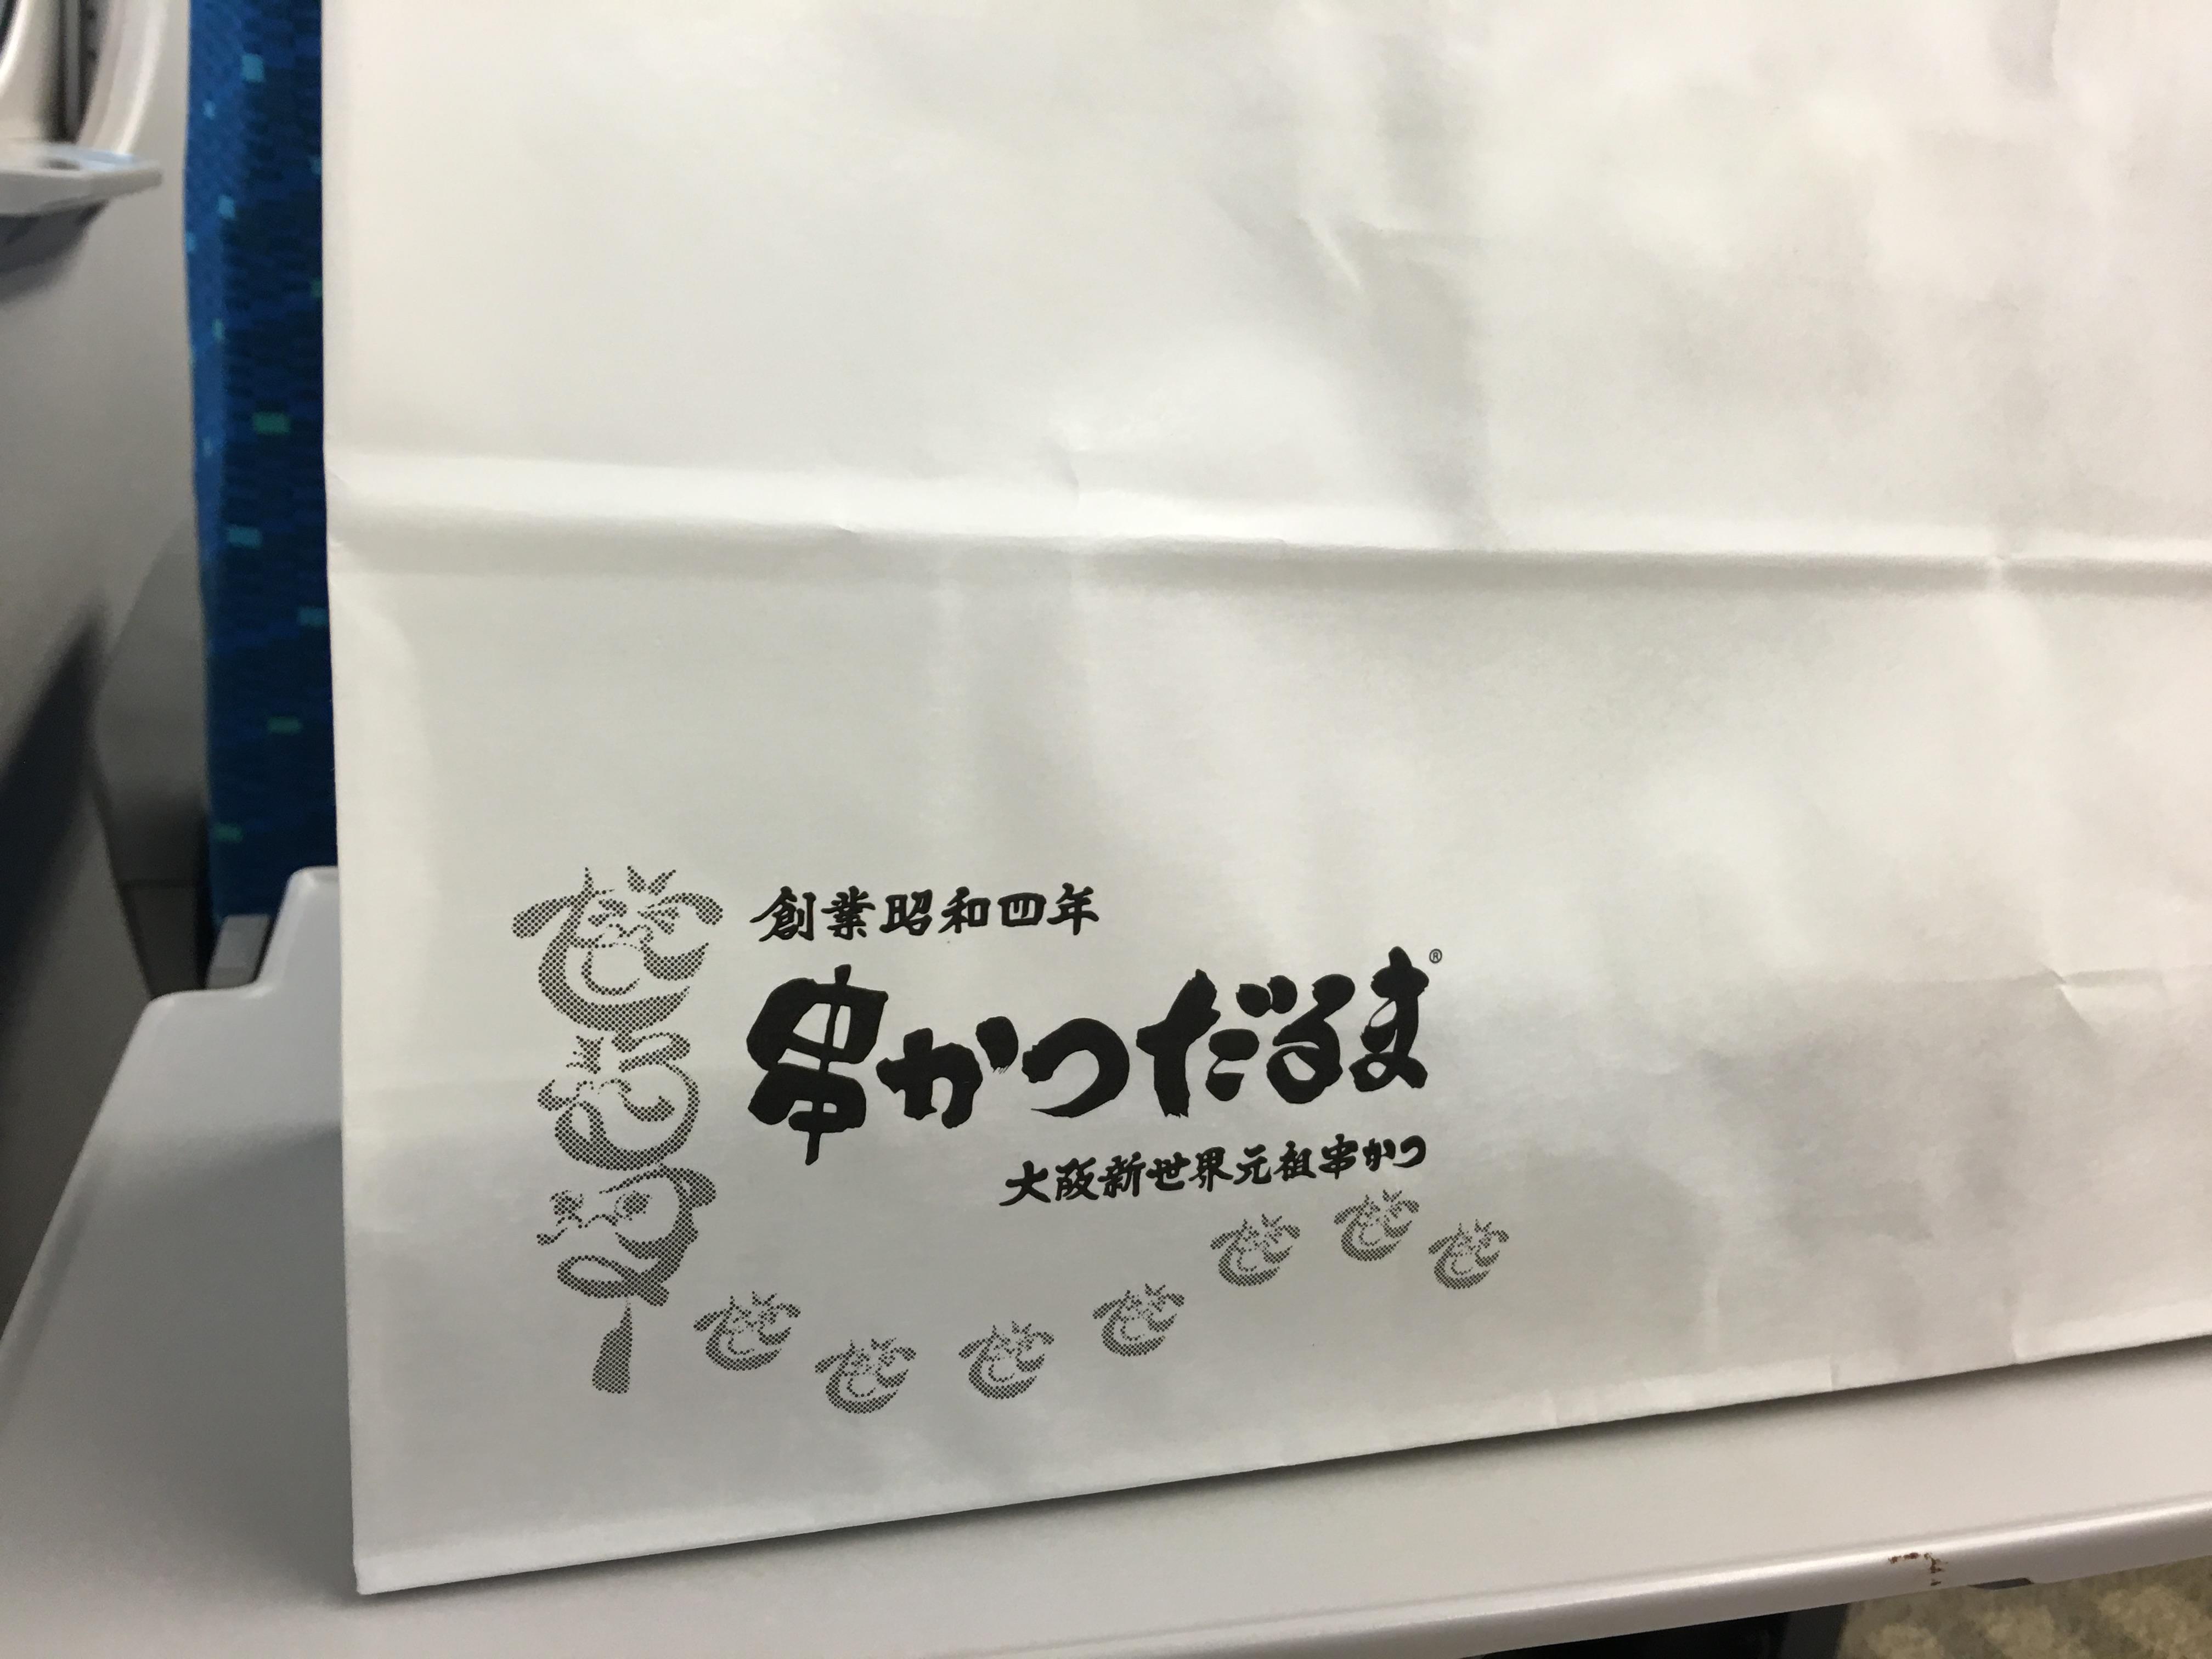 串かつだるま新大阪駅メニューおみやげ